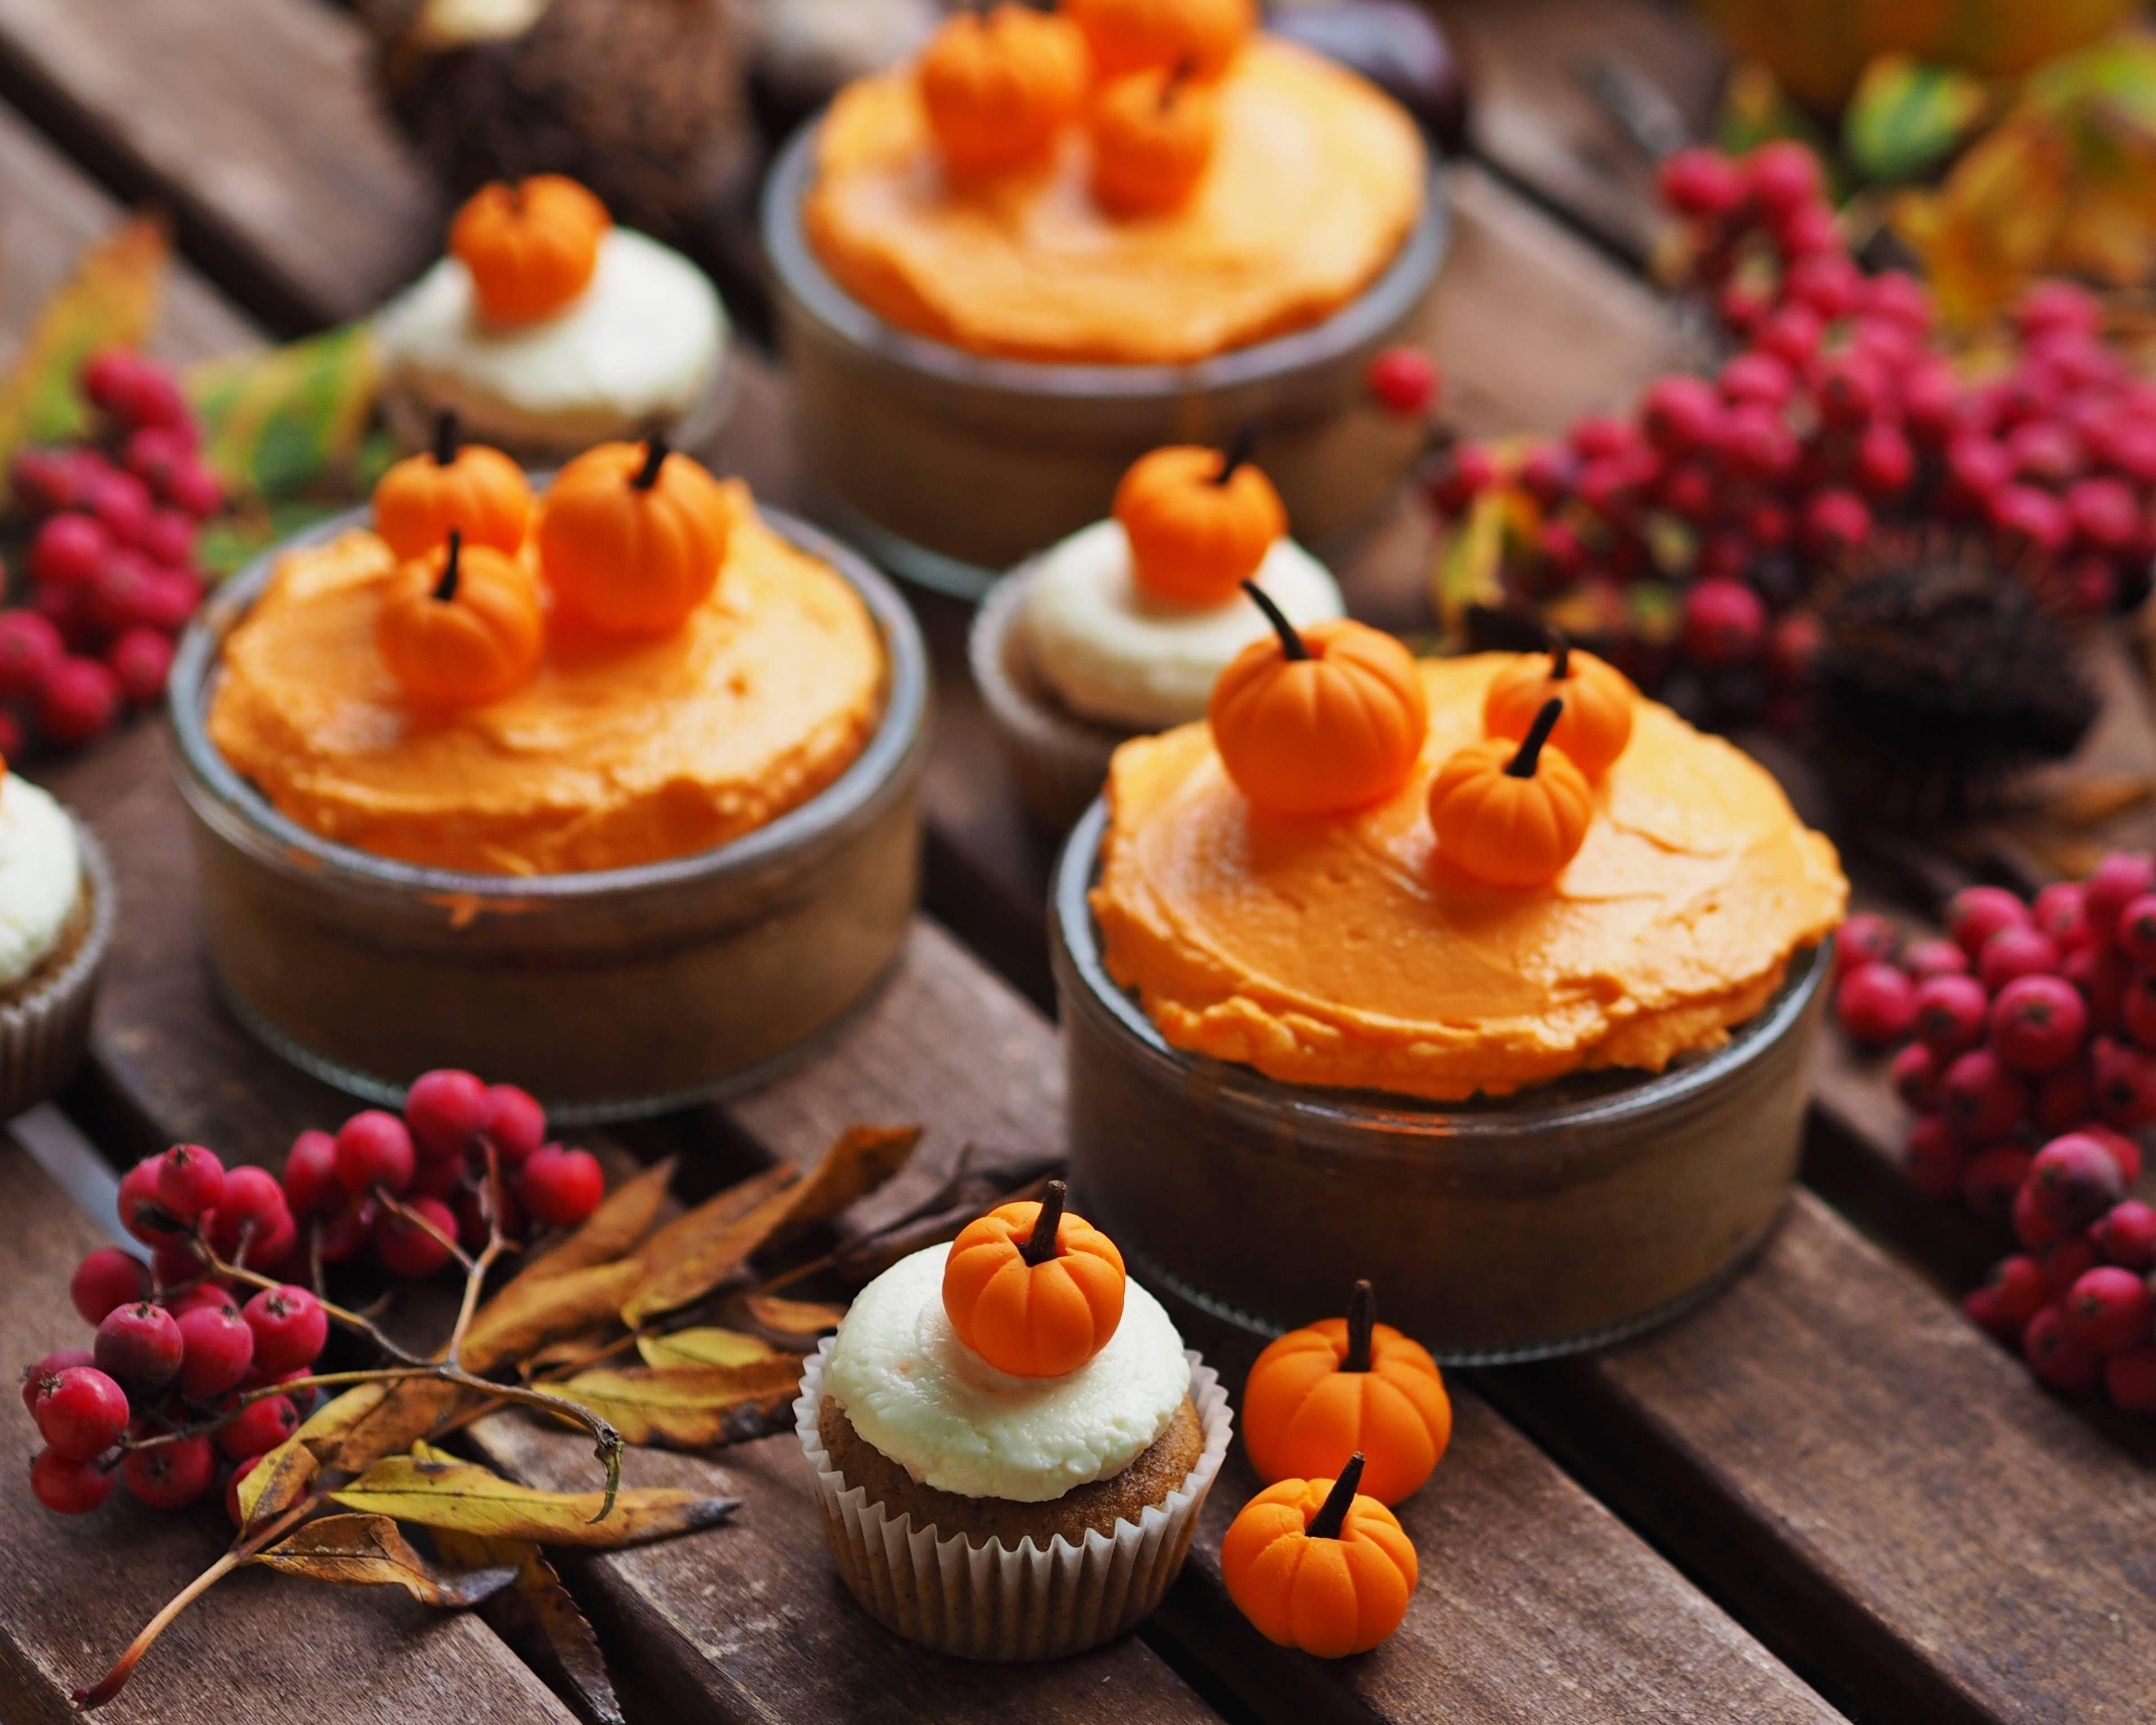 REB'S KITCHEN: pumpkin cupcakes & mini cakes